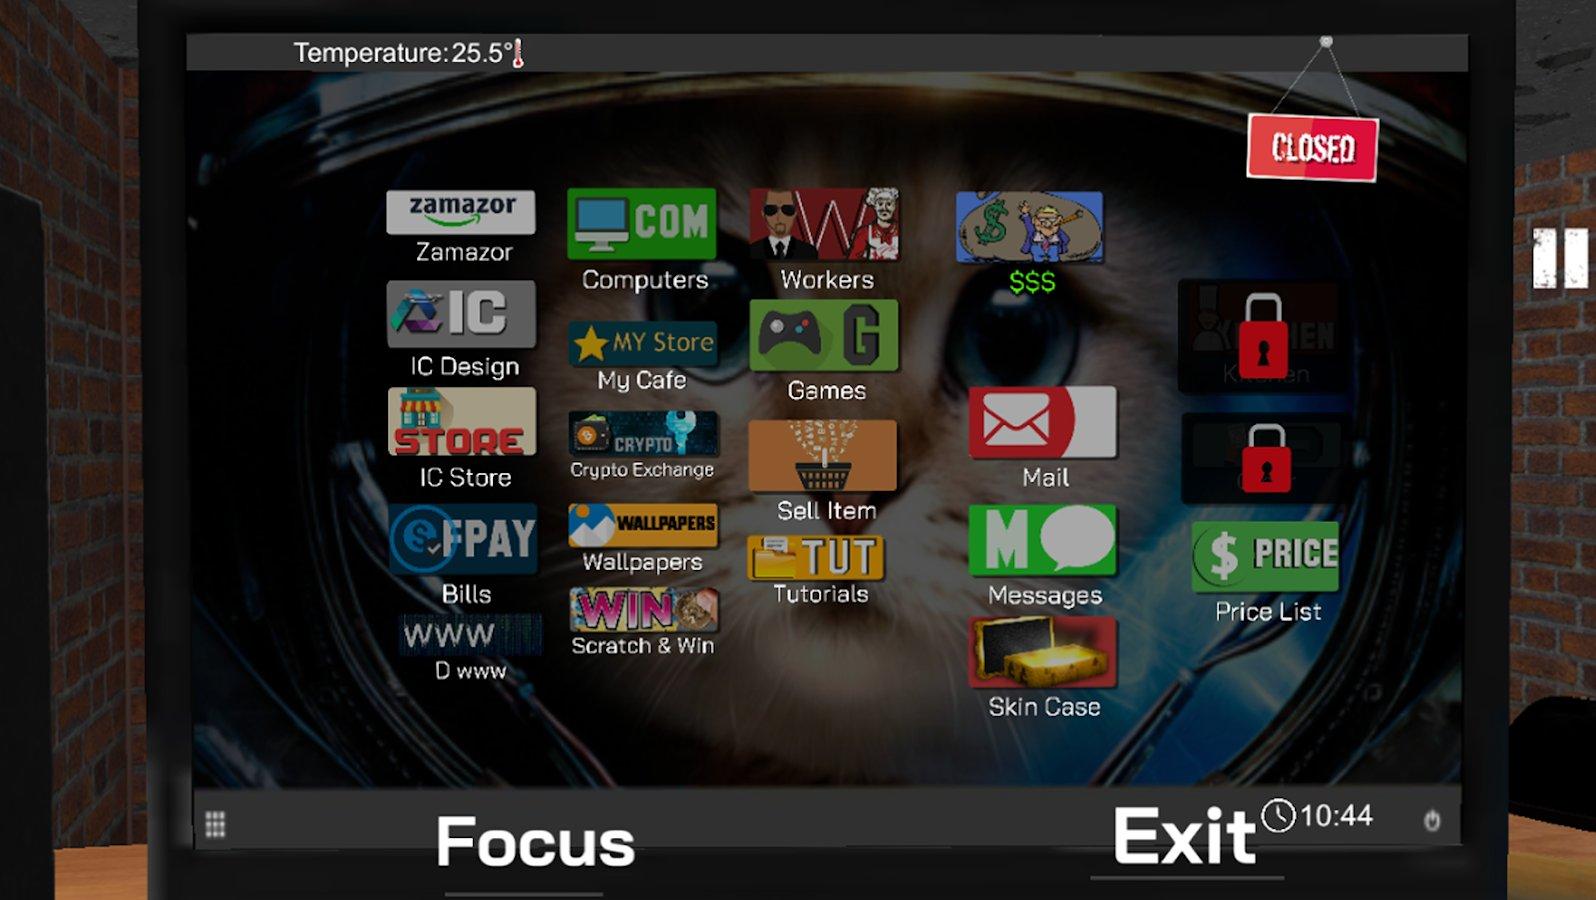 Internet Cafe Simulator скачать 1.4 APK на Android